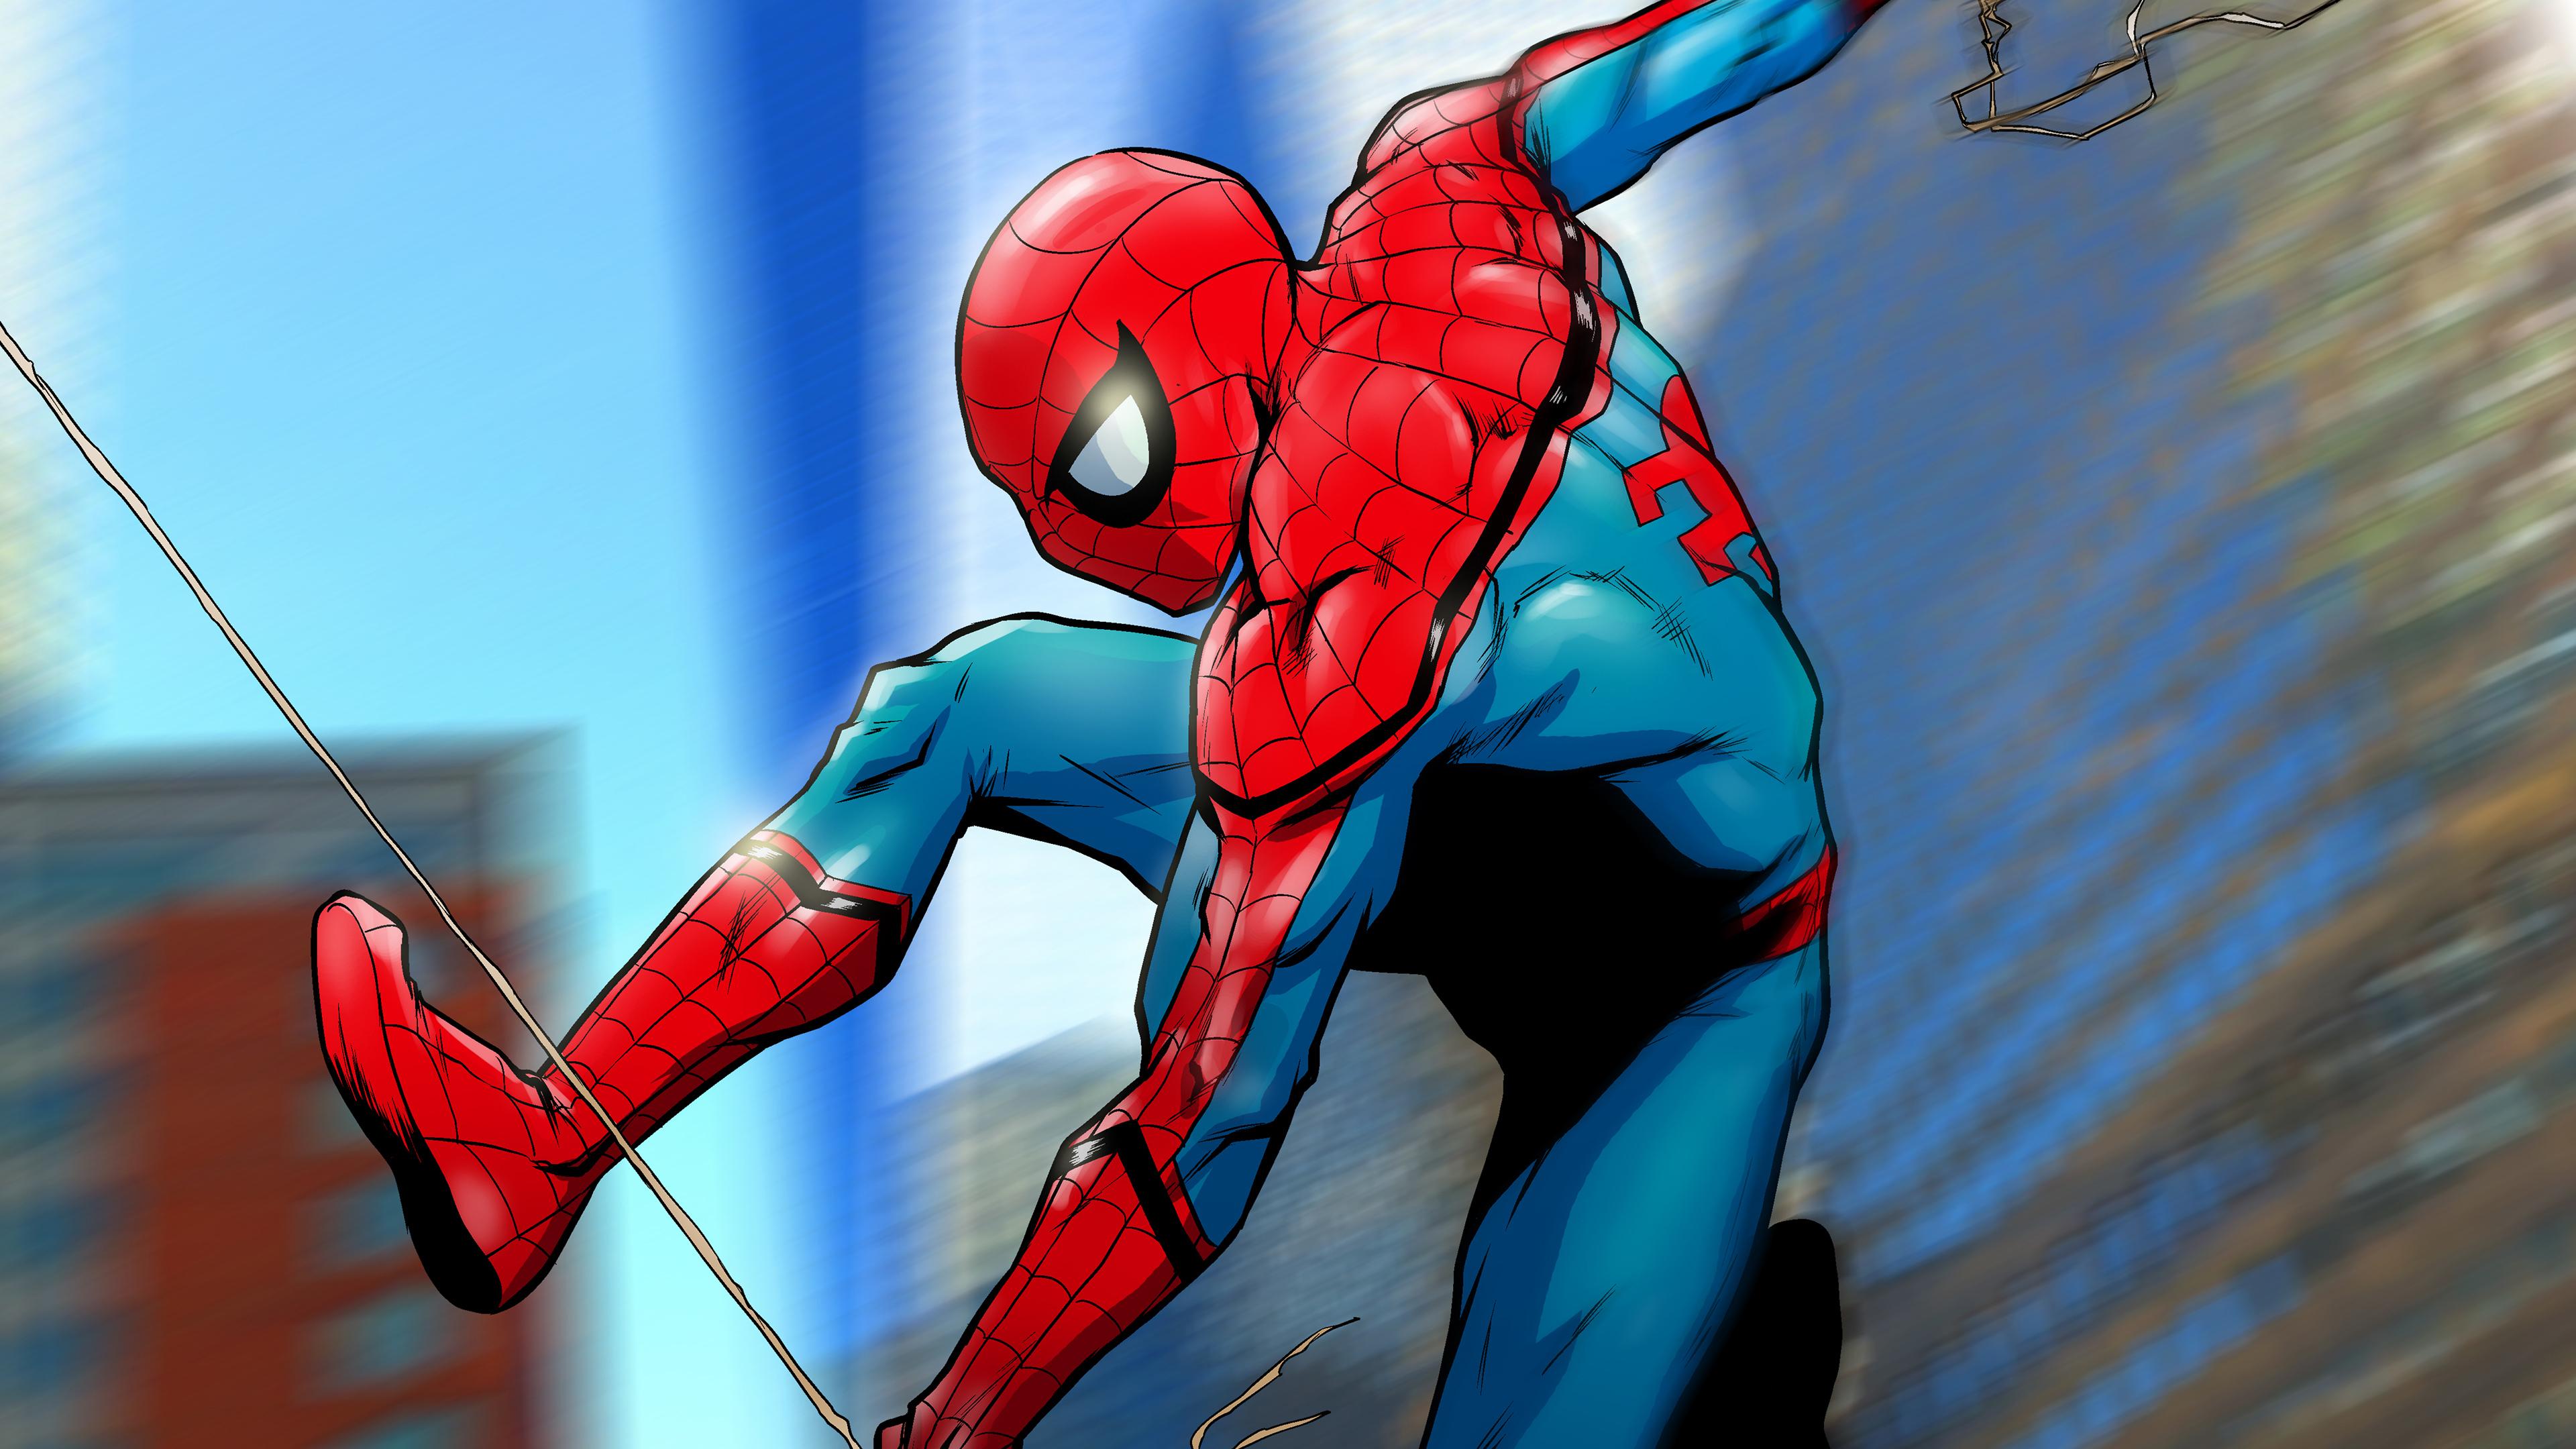 spiderman artwork 4k 1547936601 - Spiderman ArtWork 4k - superheroes wallpapers, spiderman wallpapers, hd-wallpapers, digital art wallpapers, behance wallpapers, artwork wallpapers, artist wallpapers, art wallpapers, 4k-wallpapers